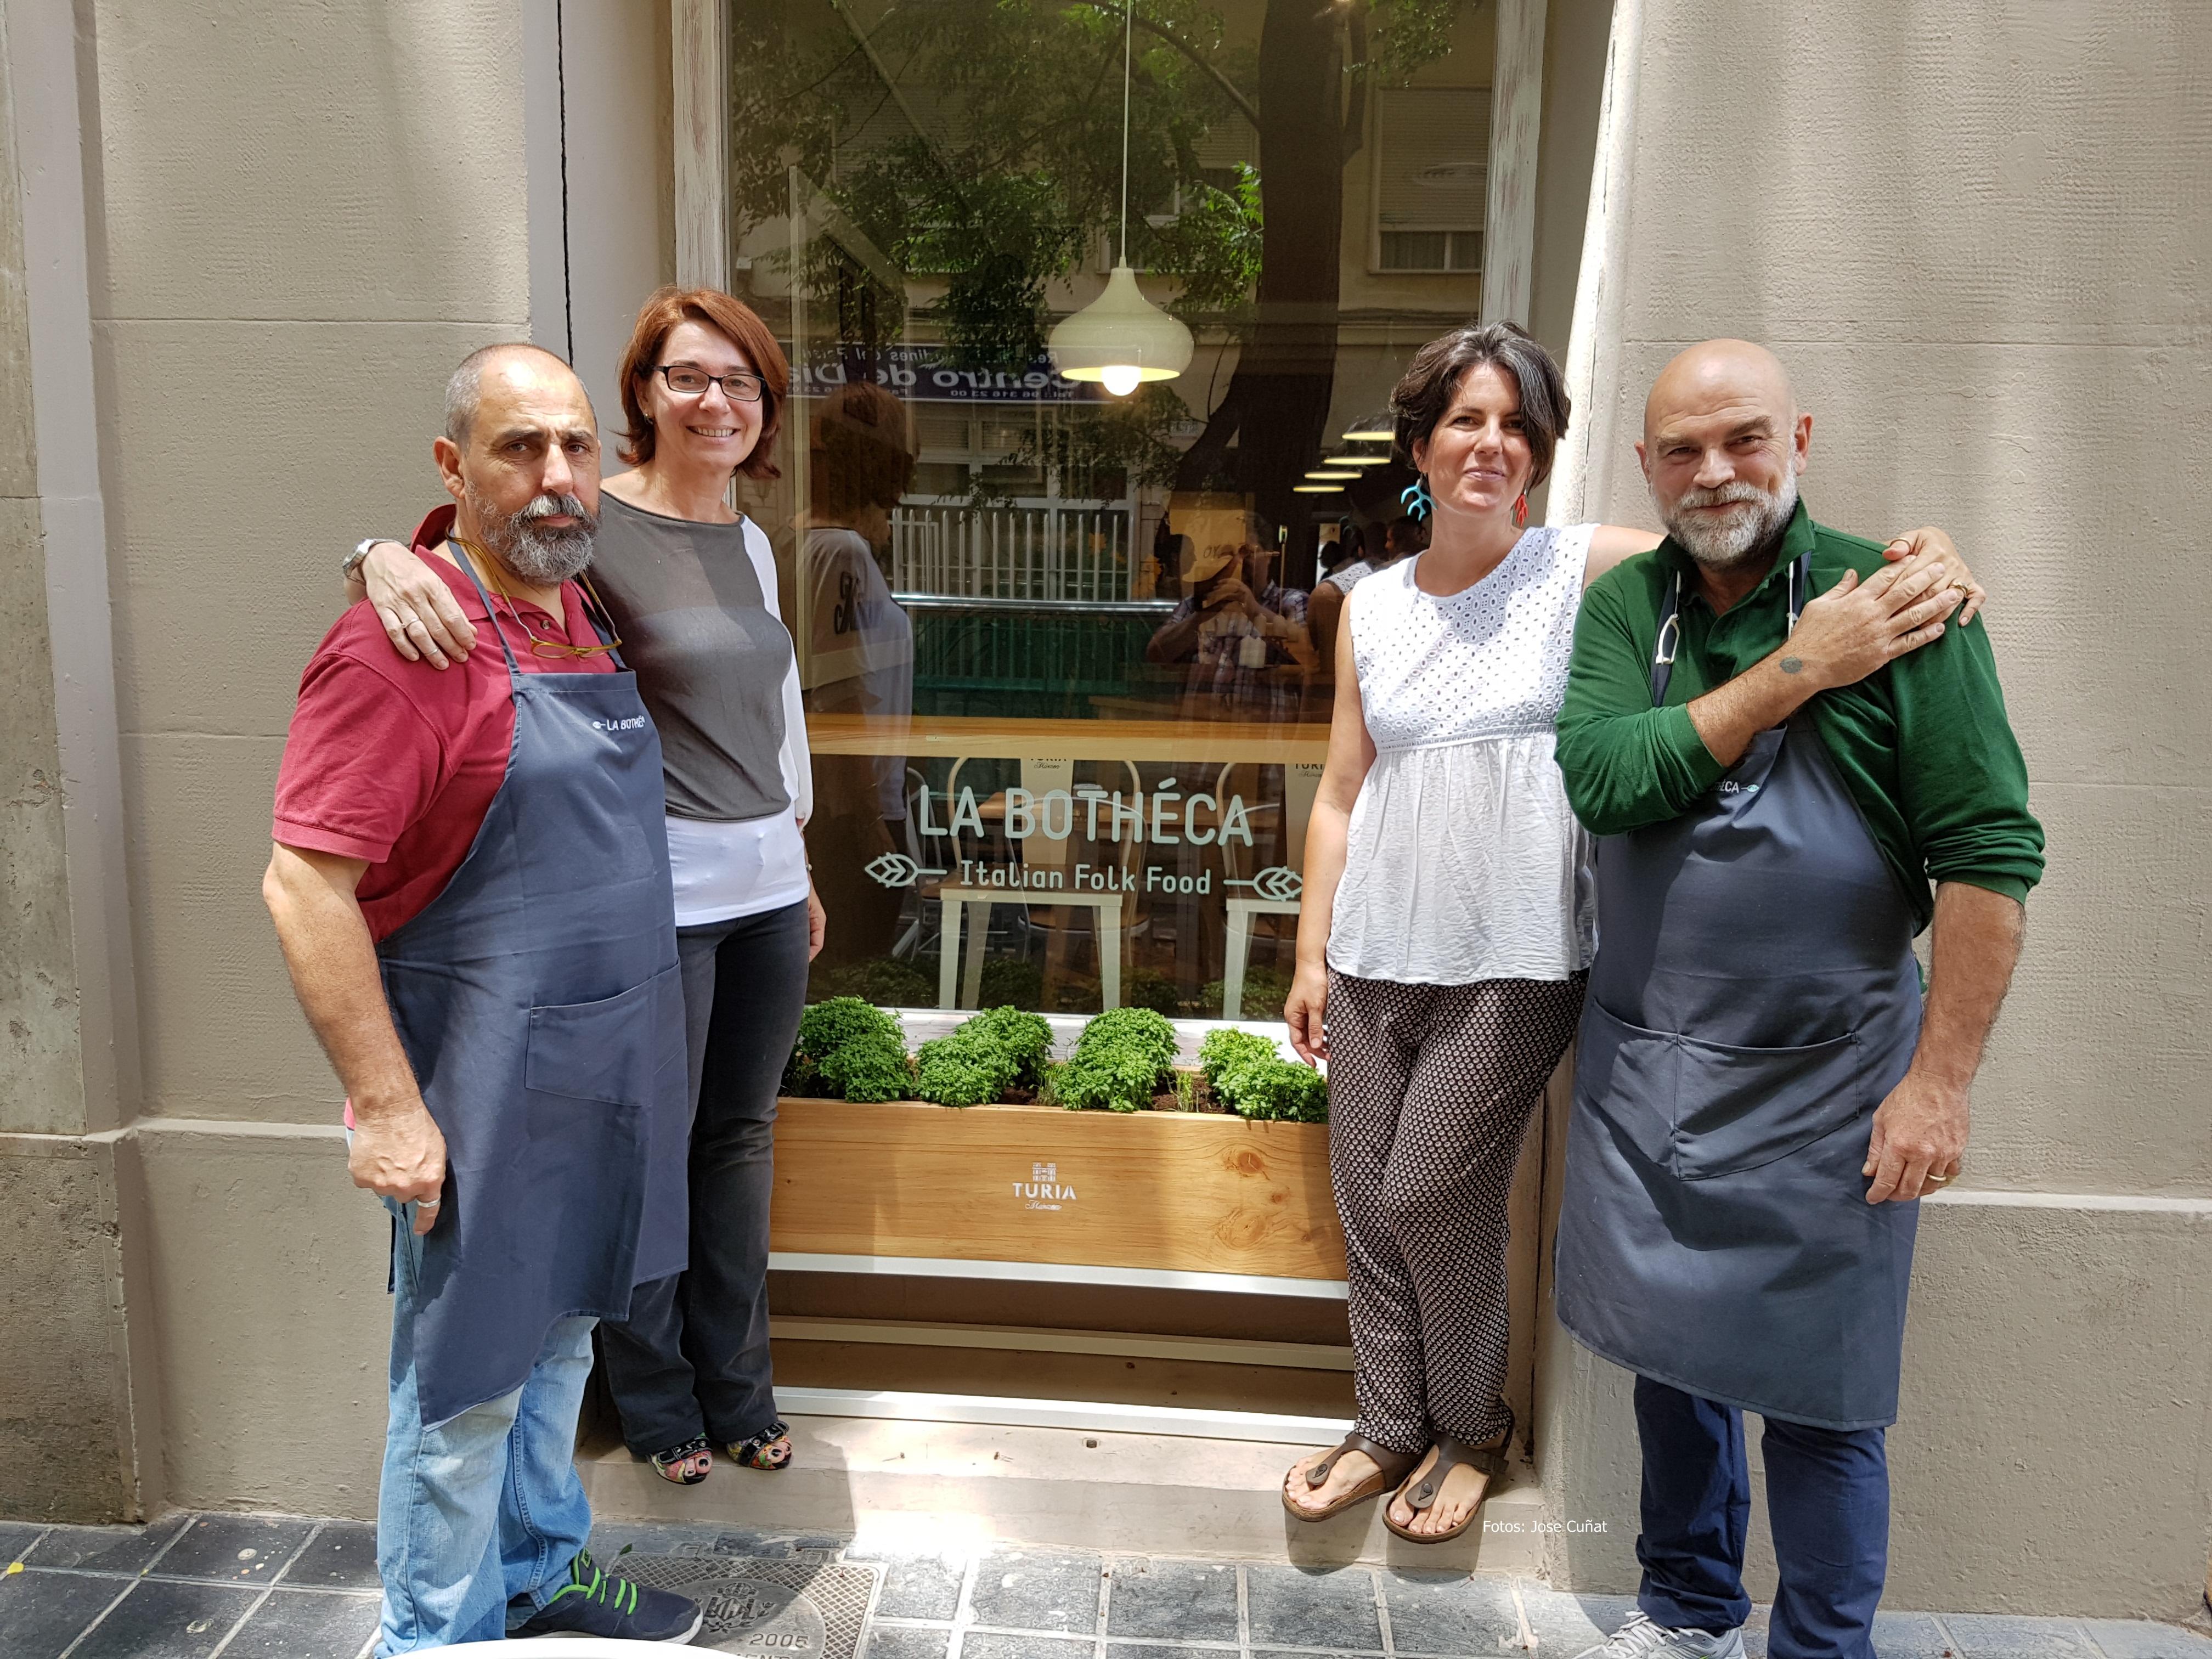 La Bothéca abre en Valencia el primer laboratorio de Mozarella hecha con leche de Búfala traída del sur de Italia